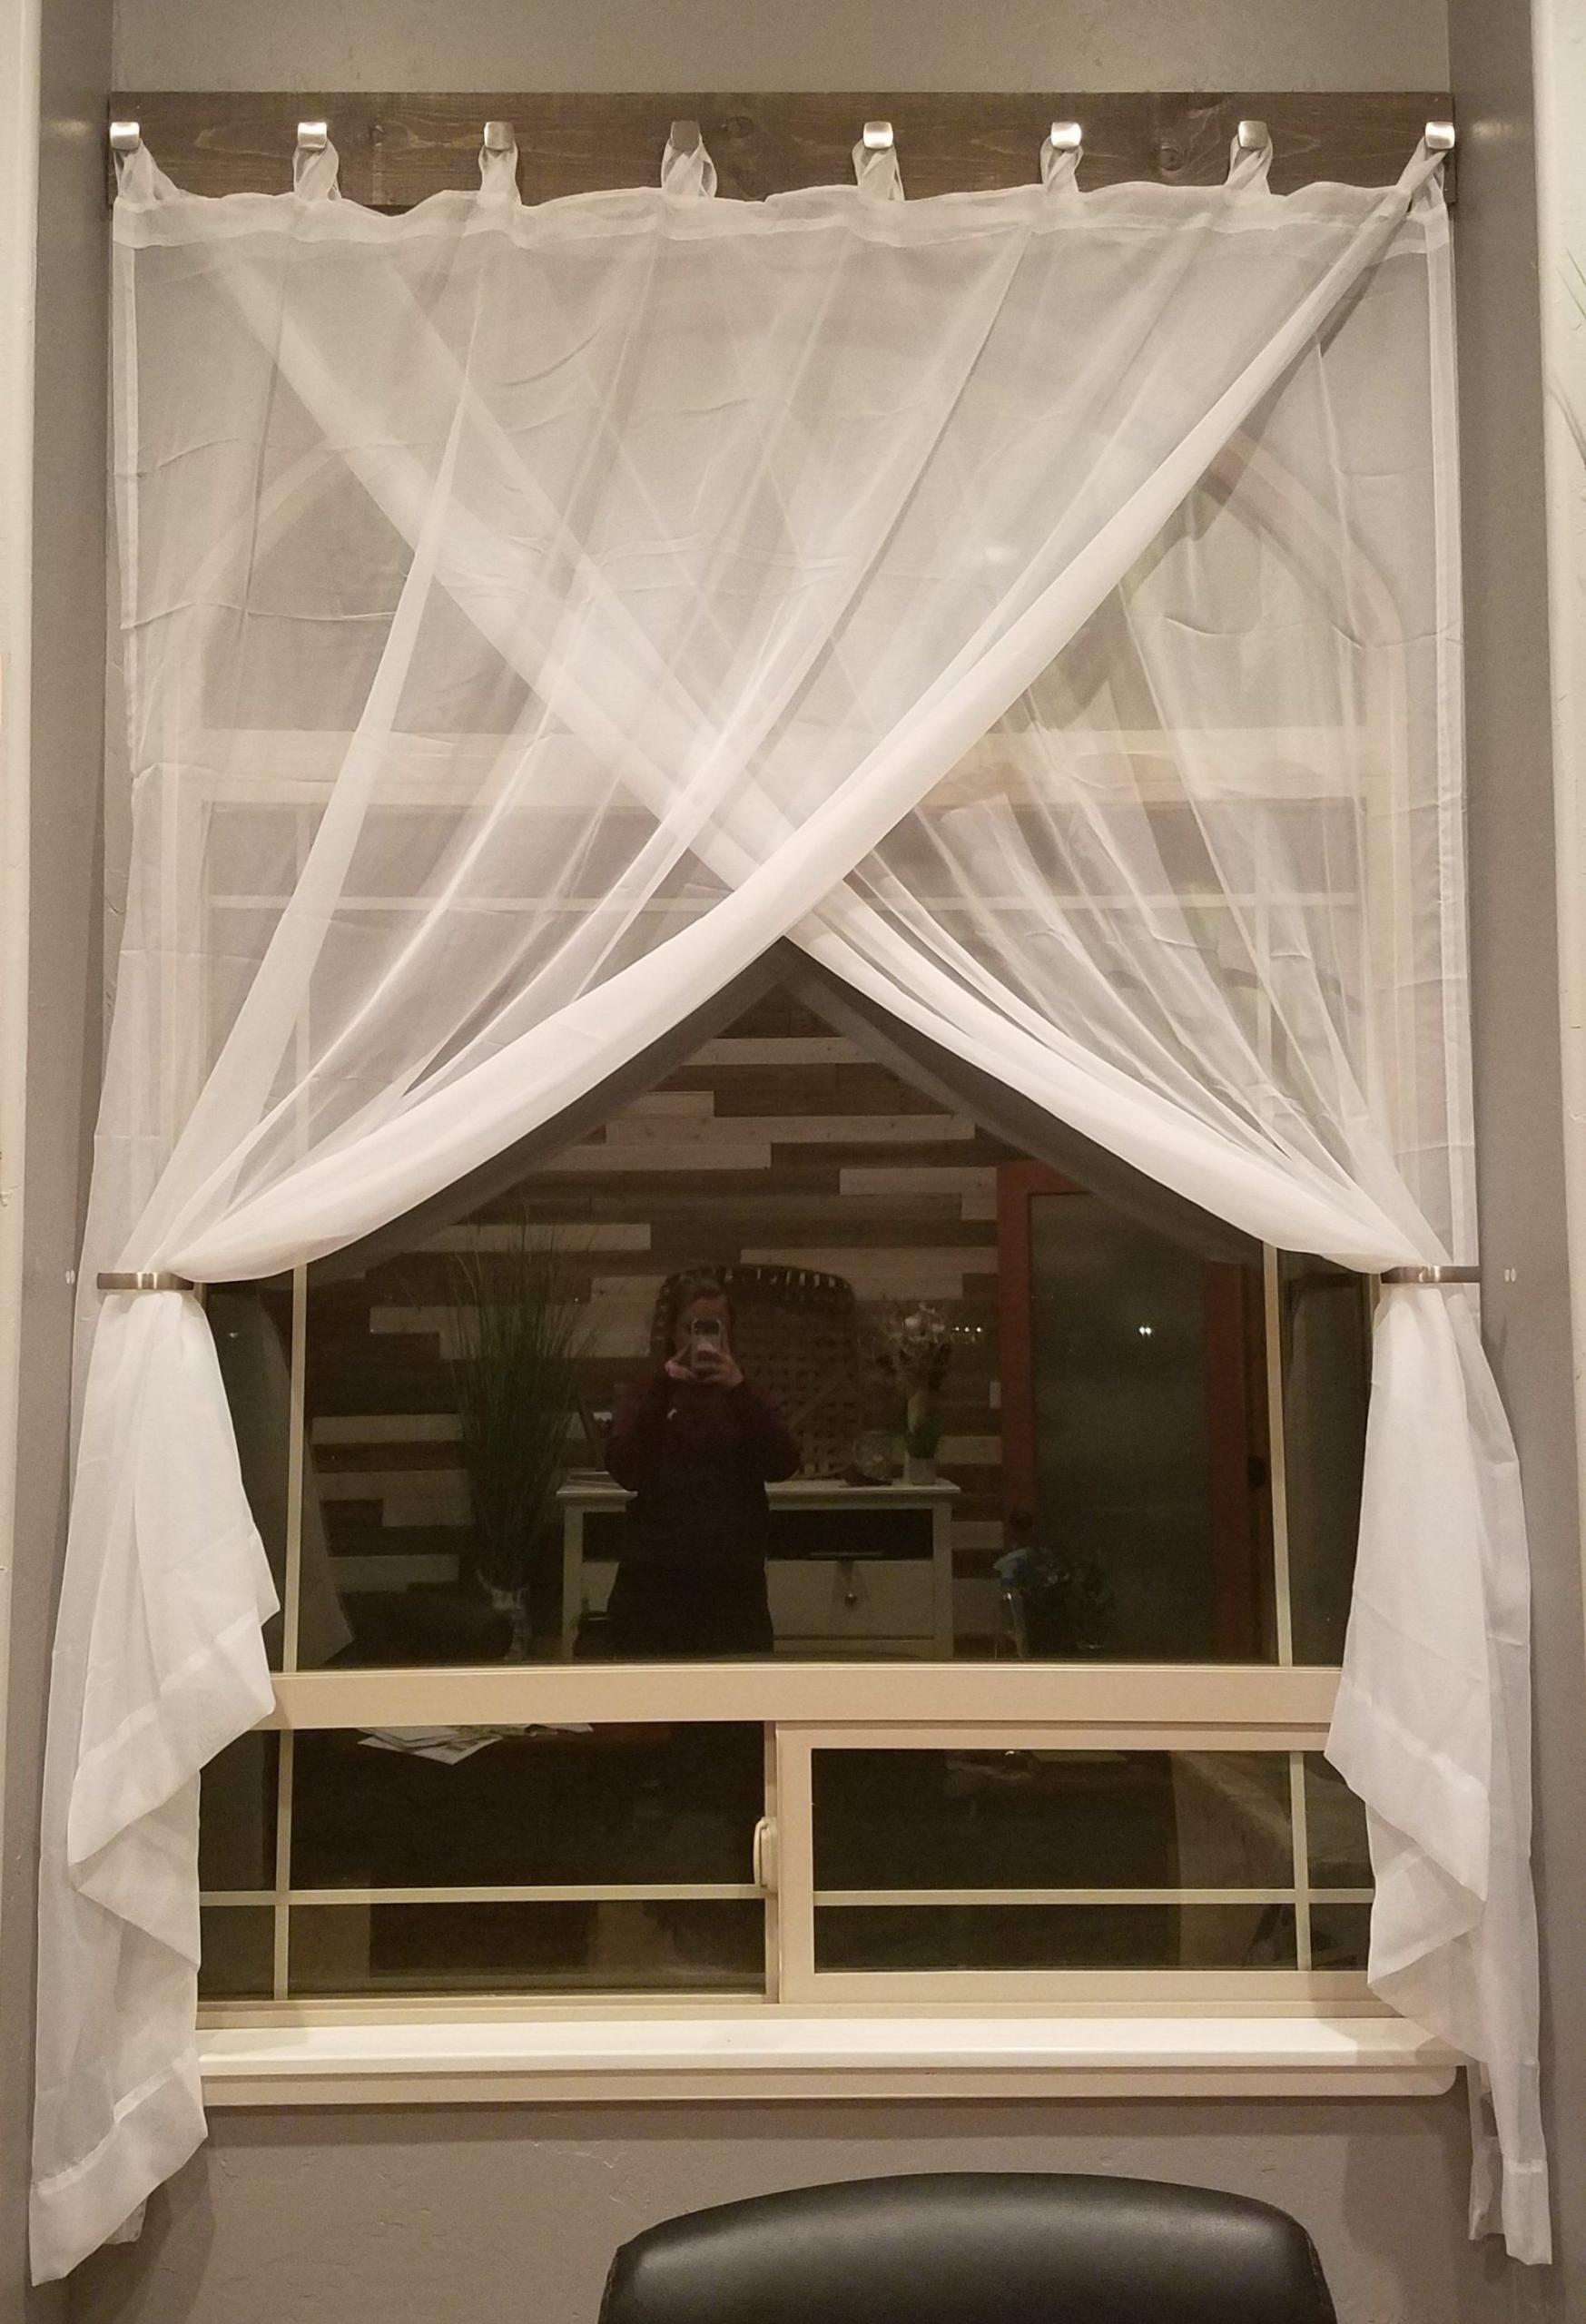 8 Farmhouse Bedroom Curtains Diy √ Farmhouse Bedroom ... on Farmhouse Bedroom Curtain Ideas  id=93894